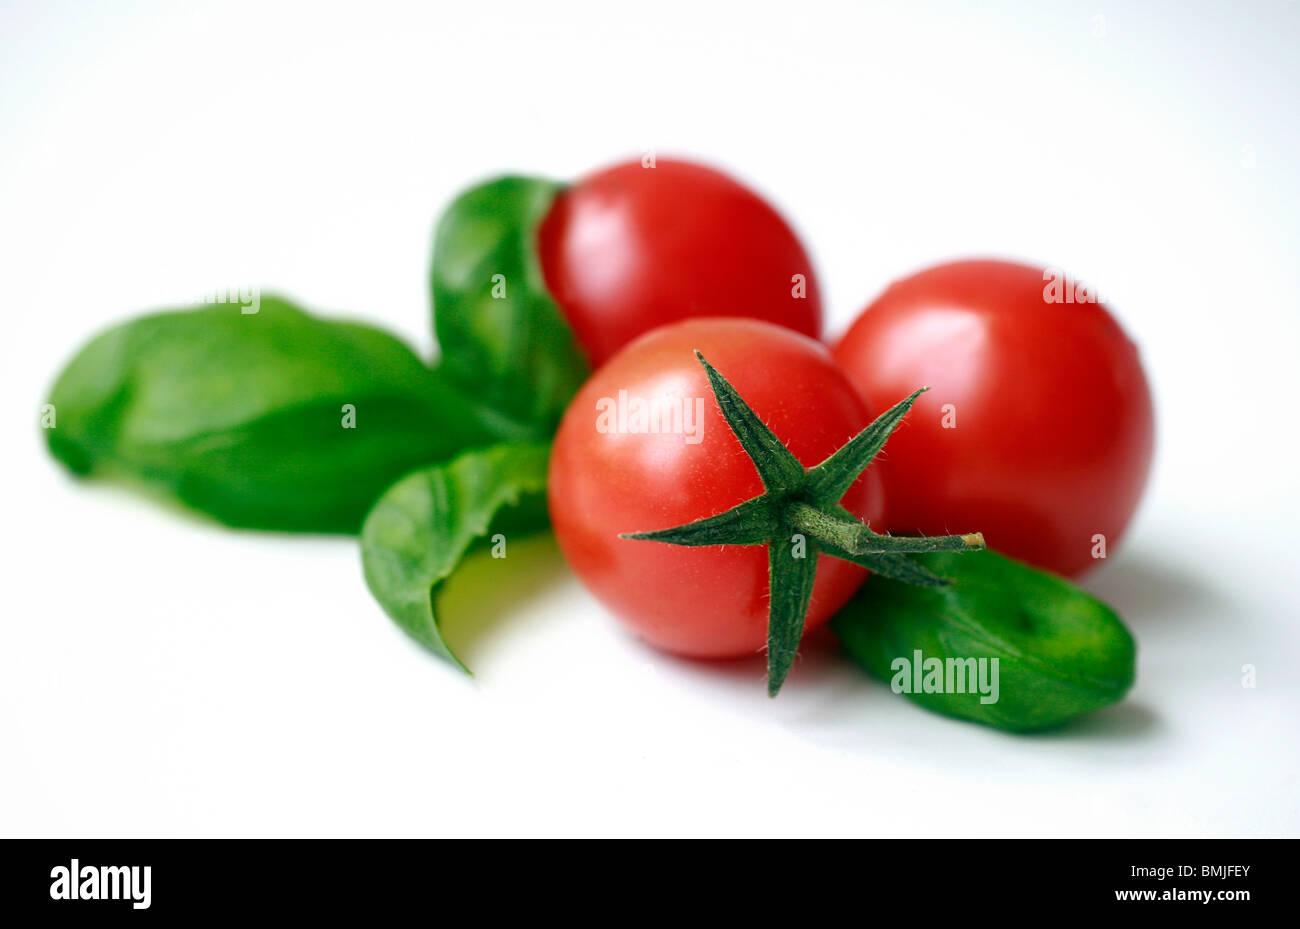 Tomatoe and basil - Stock Image